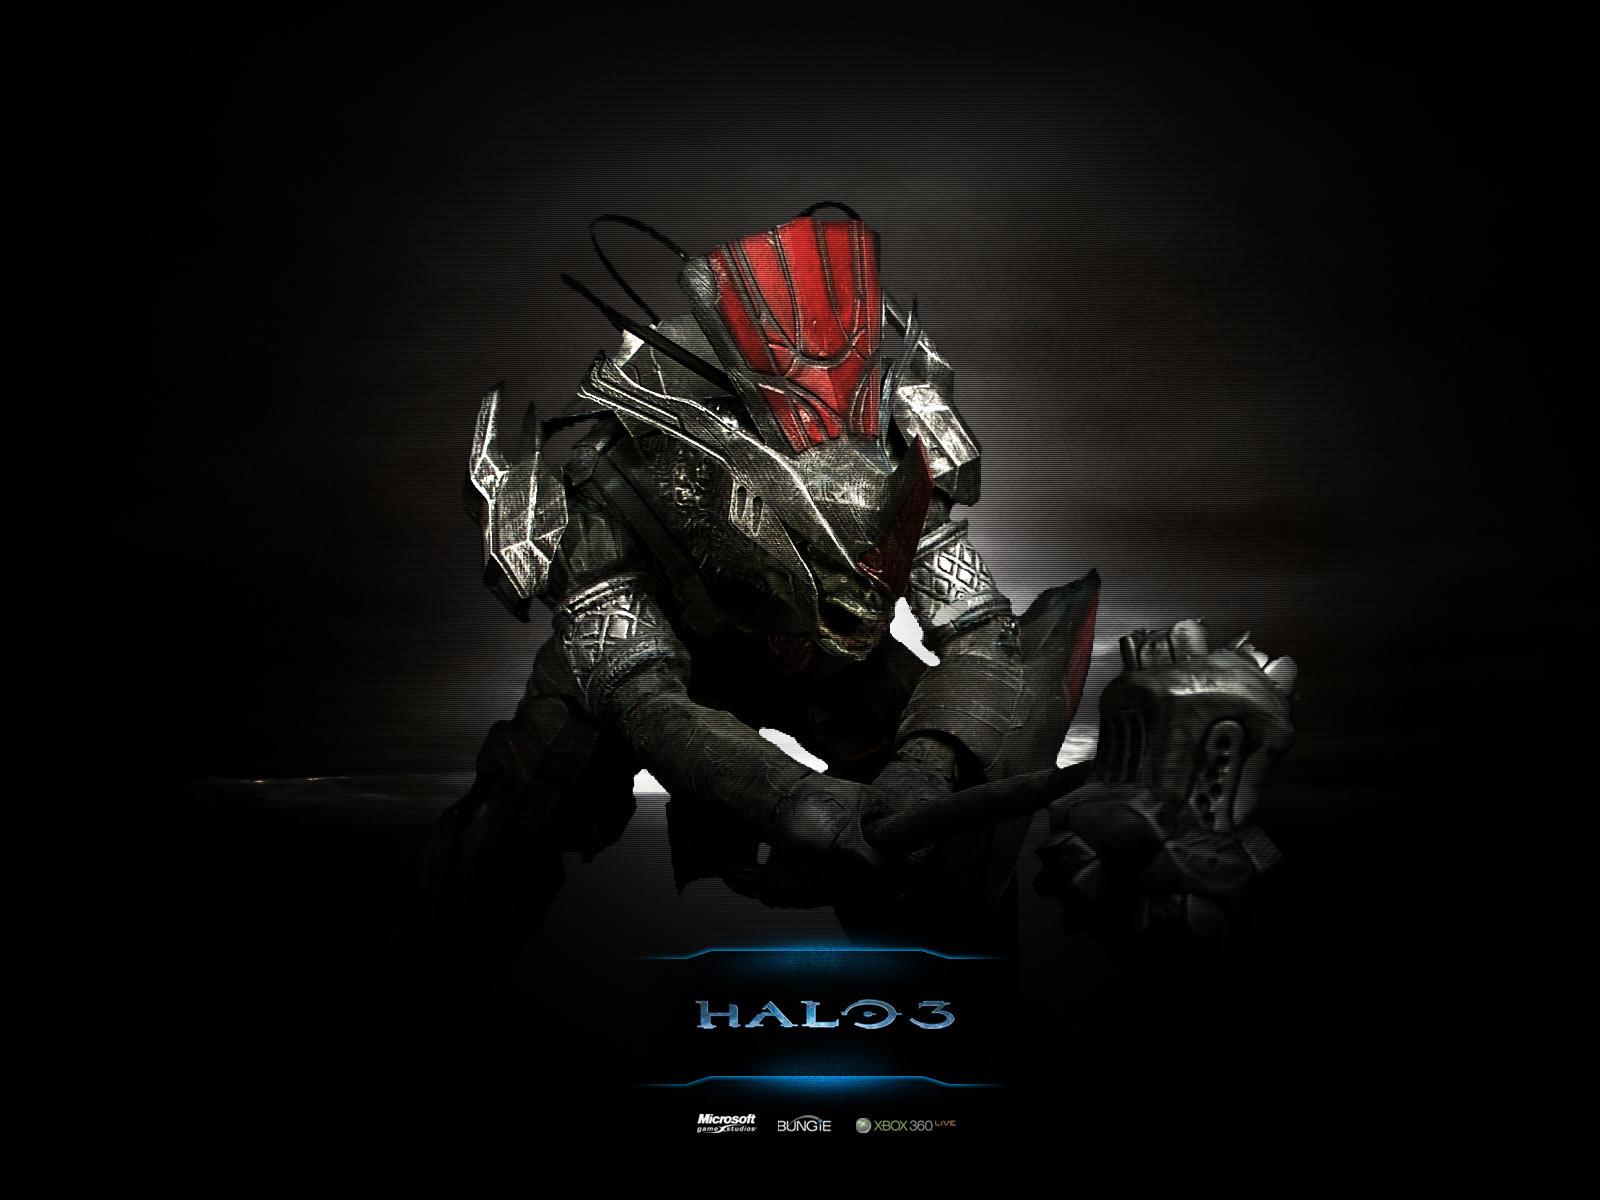 http://4.bp.blogspot.com/_2XOePUH7hMU/TSykHrxgMKI/AAAAAAAAAHE/LkXgS6vpZlo/s1600/Halo_3.jpg